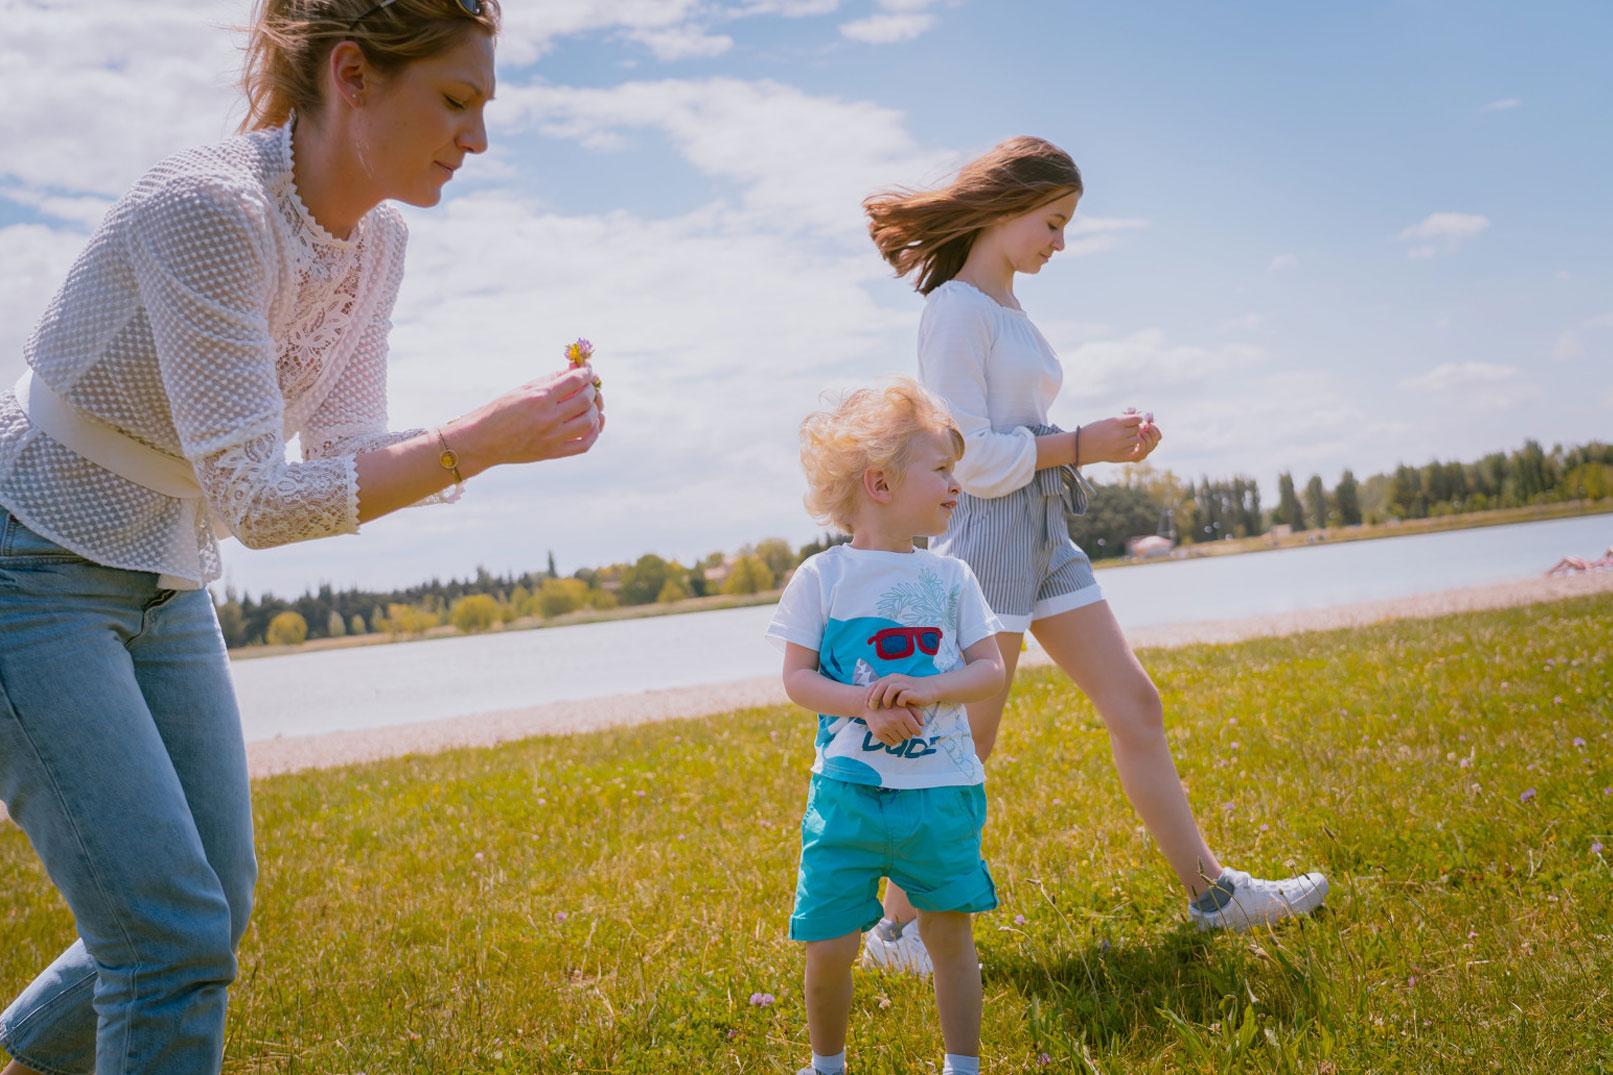 Le vaucluse avec les enfants @ Planque M.